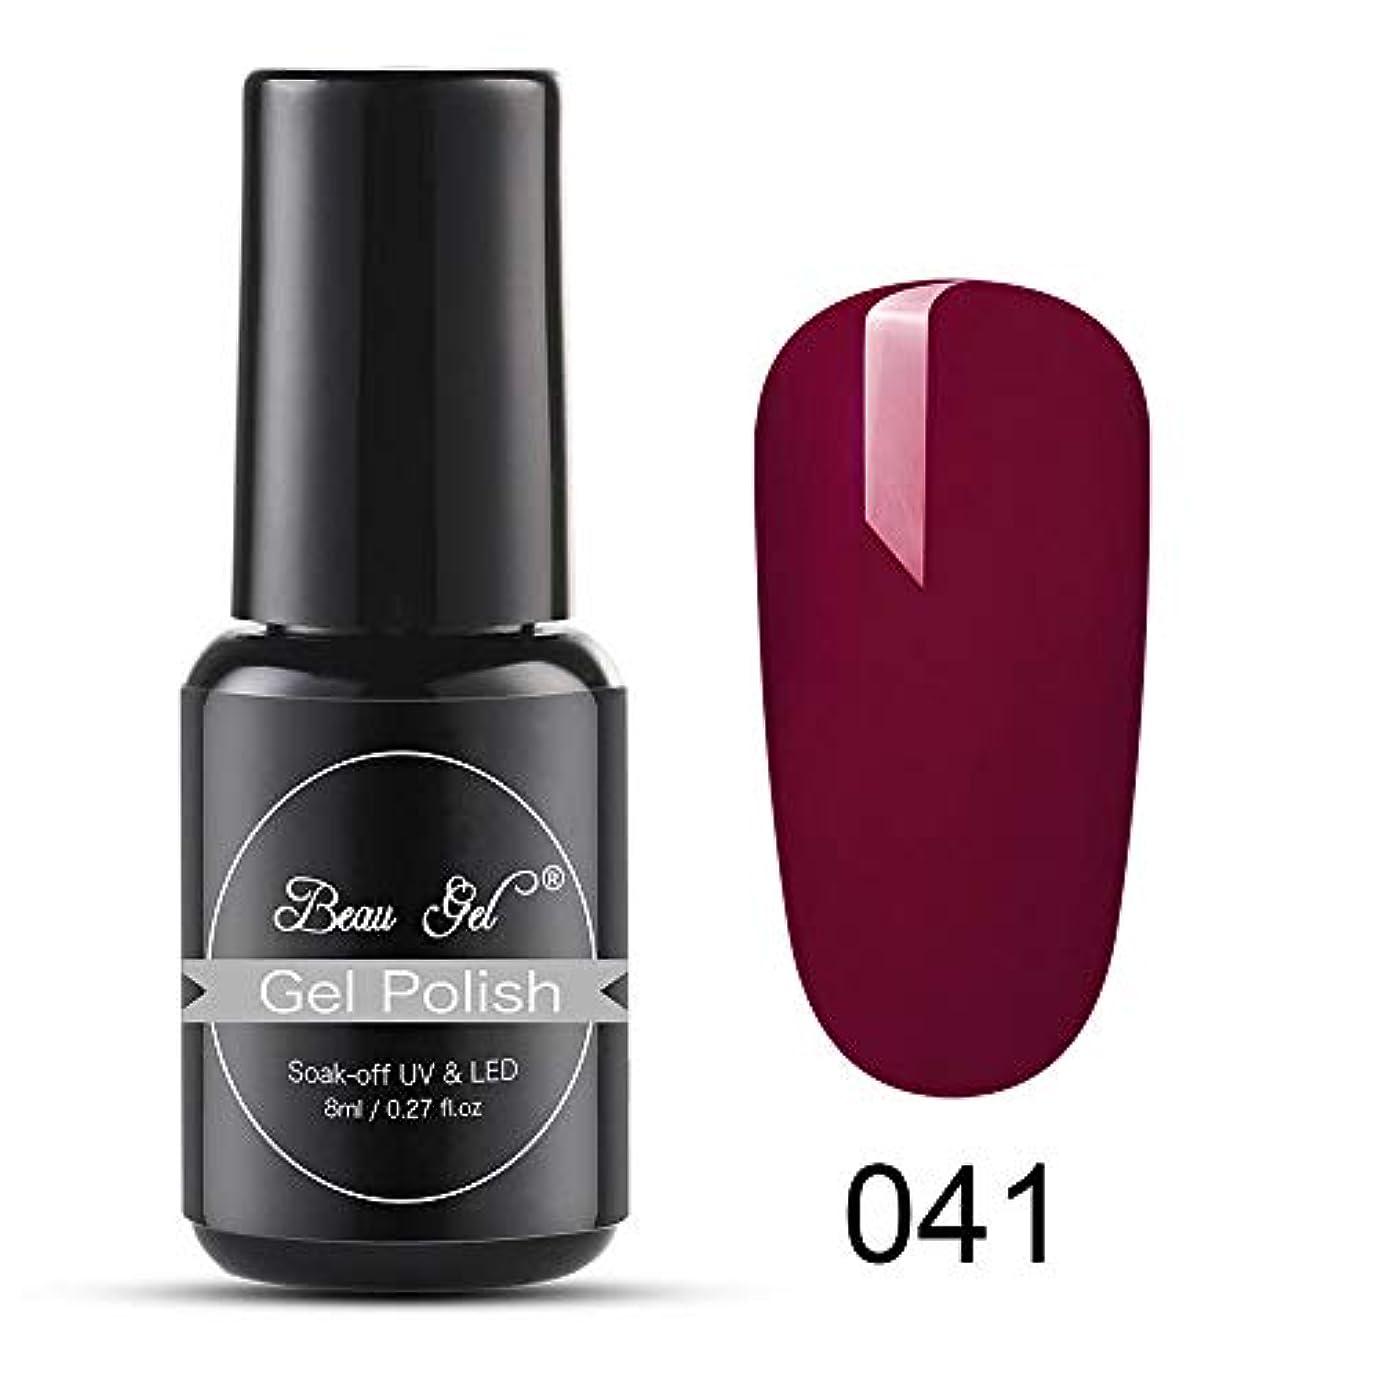 和気楽な祈りBeau gel ジェルネイル カラージェル 超長い蓋 塗りが便利 1色入り8ml-30041